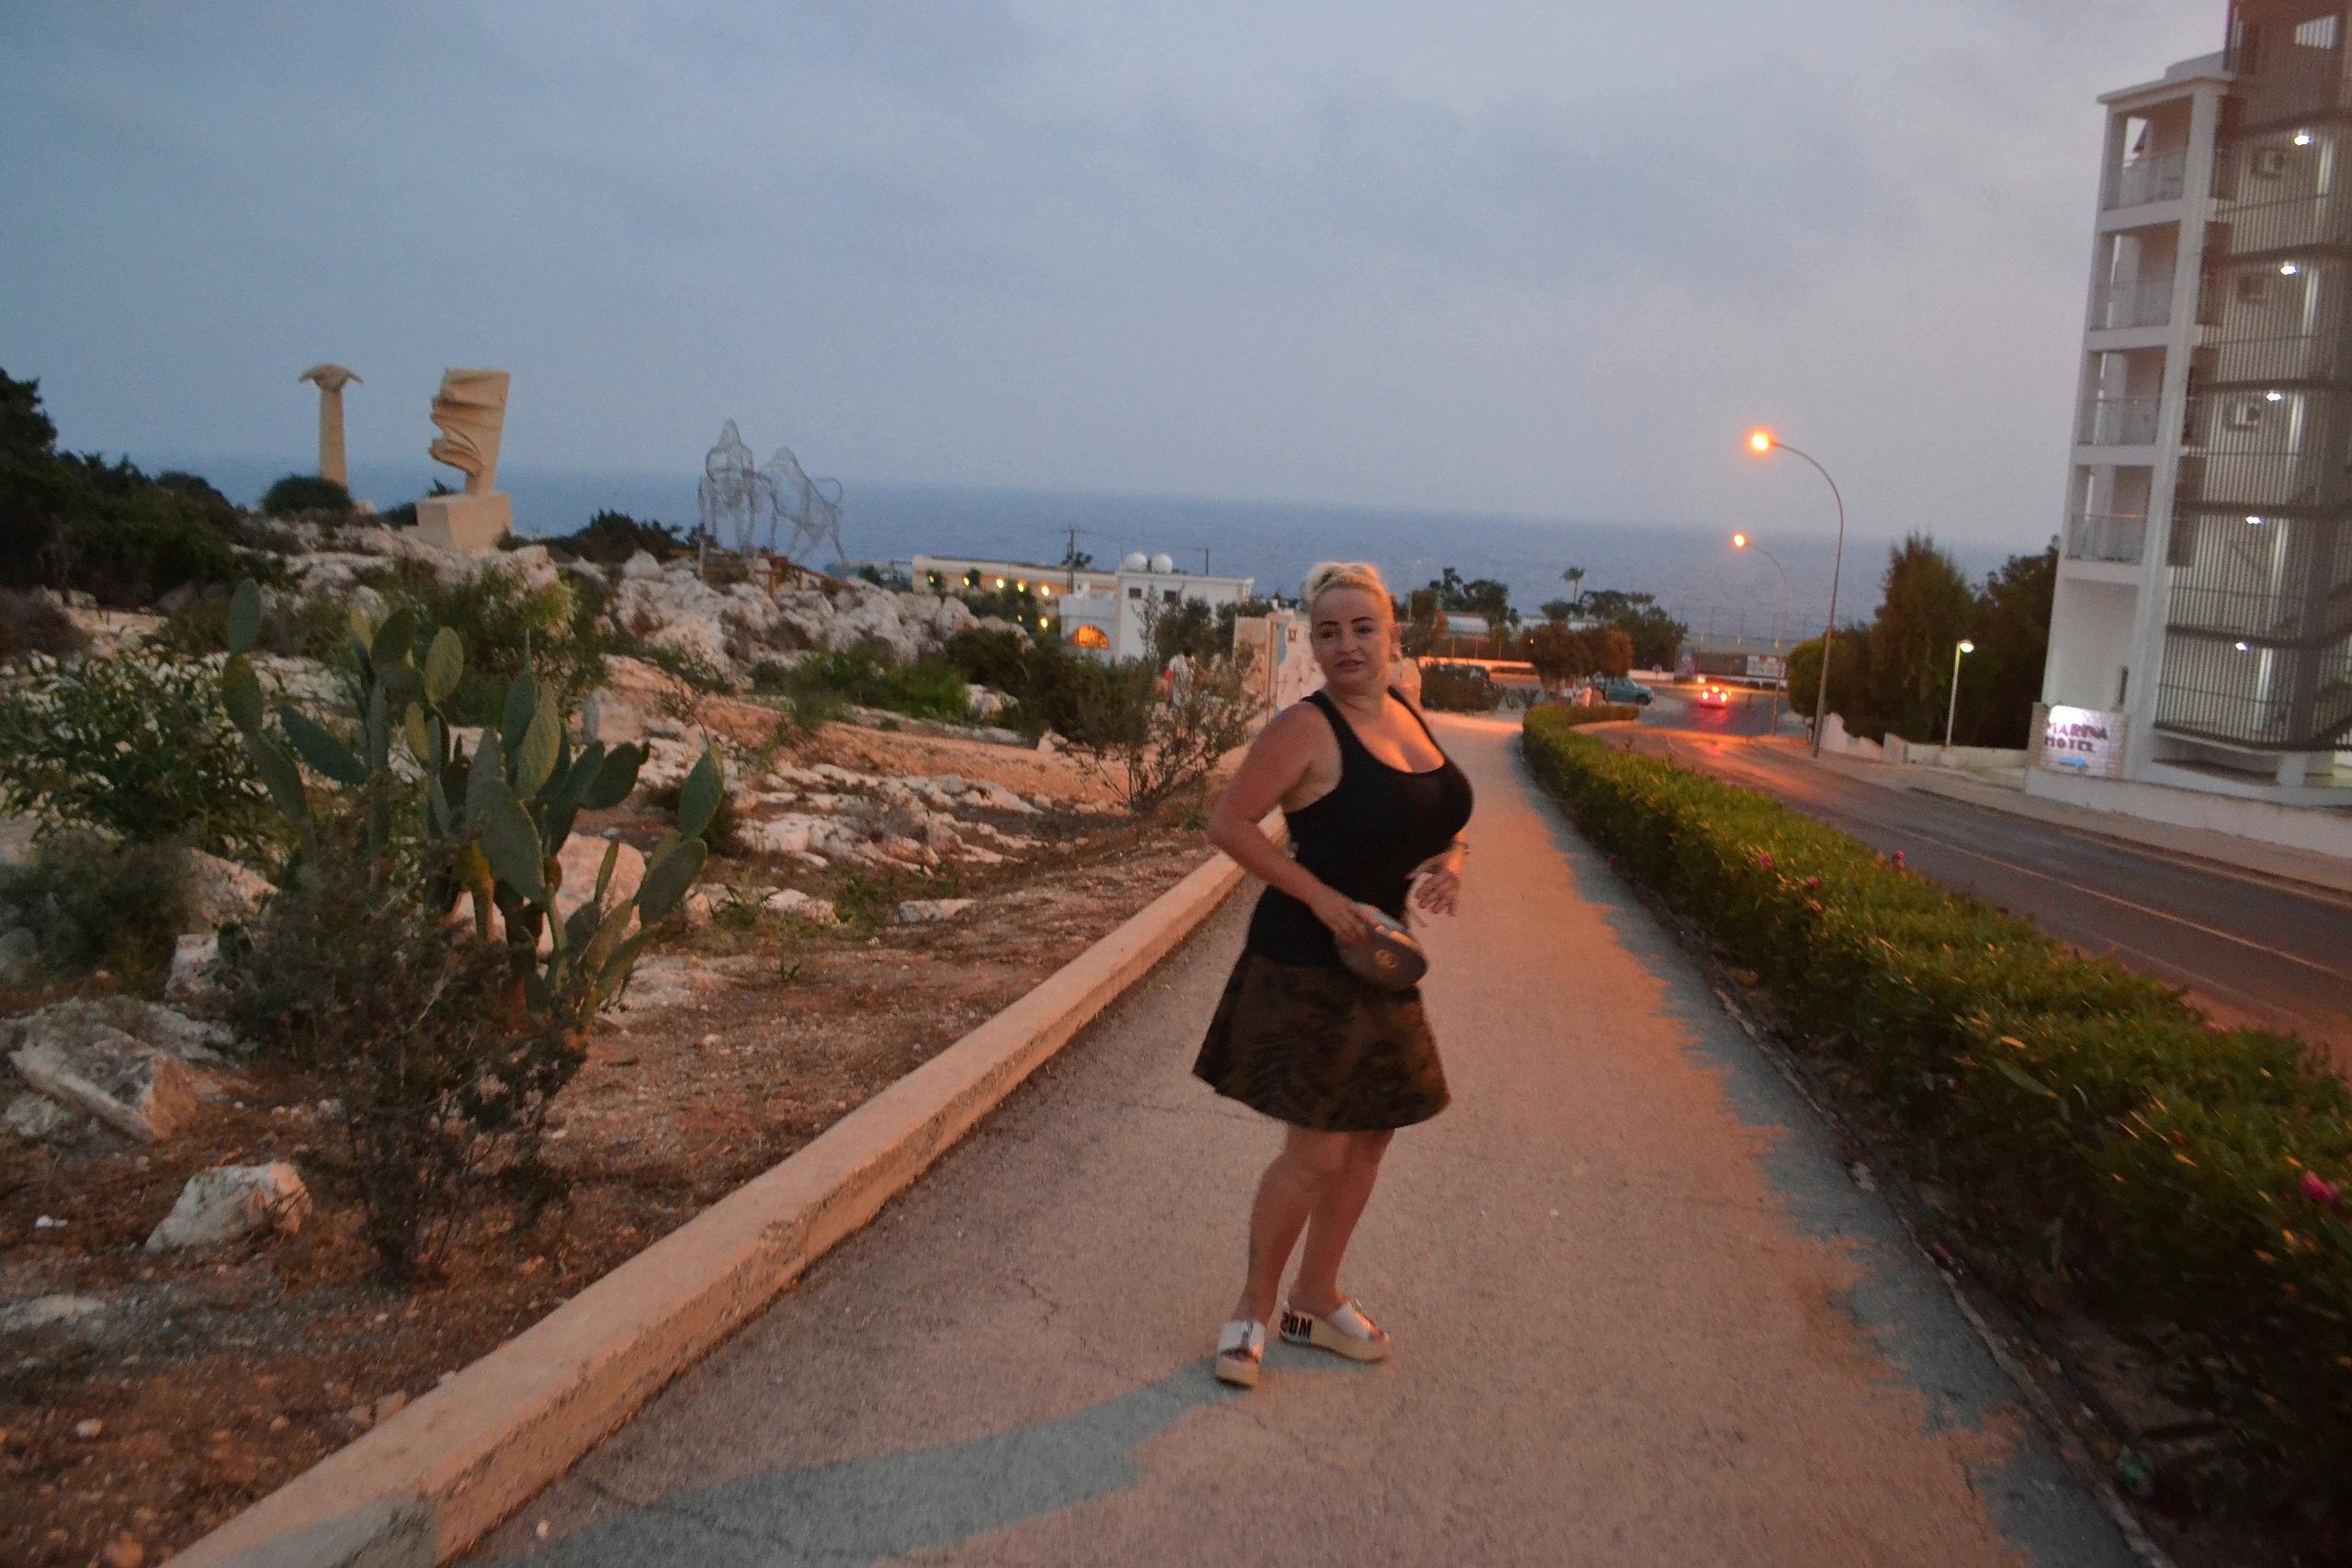 Елена Руденко (Валтея). Кипр. Парк скульптур (фото). - Страница 2 Oz6q-vuFWx4